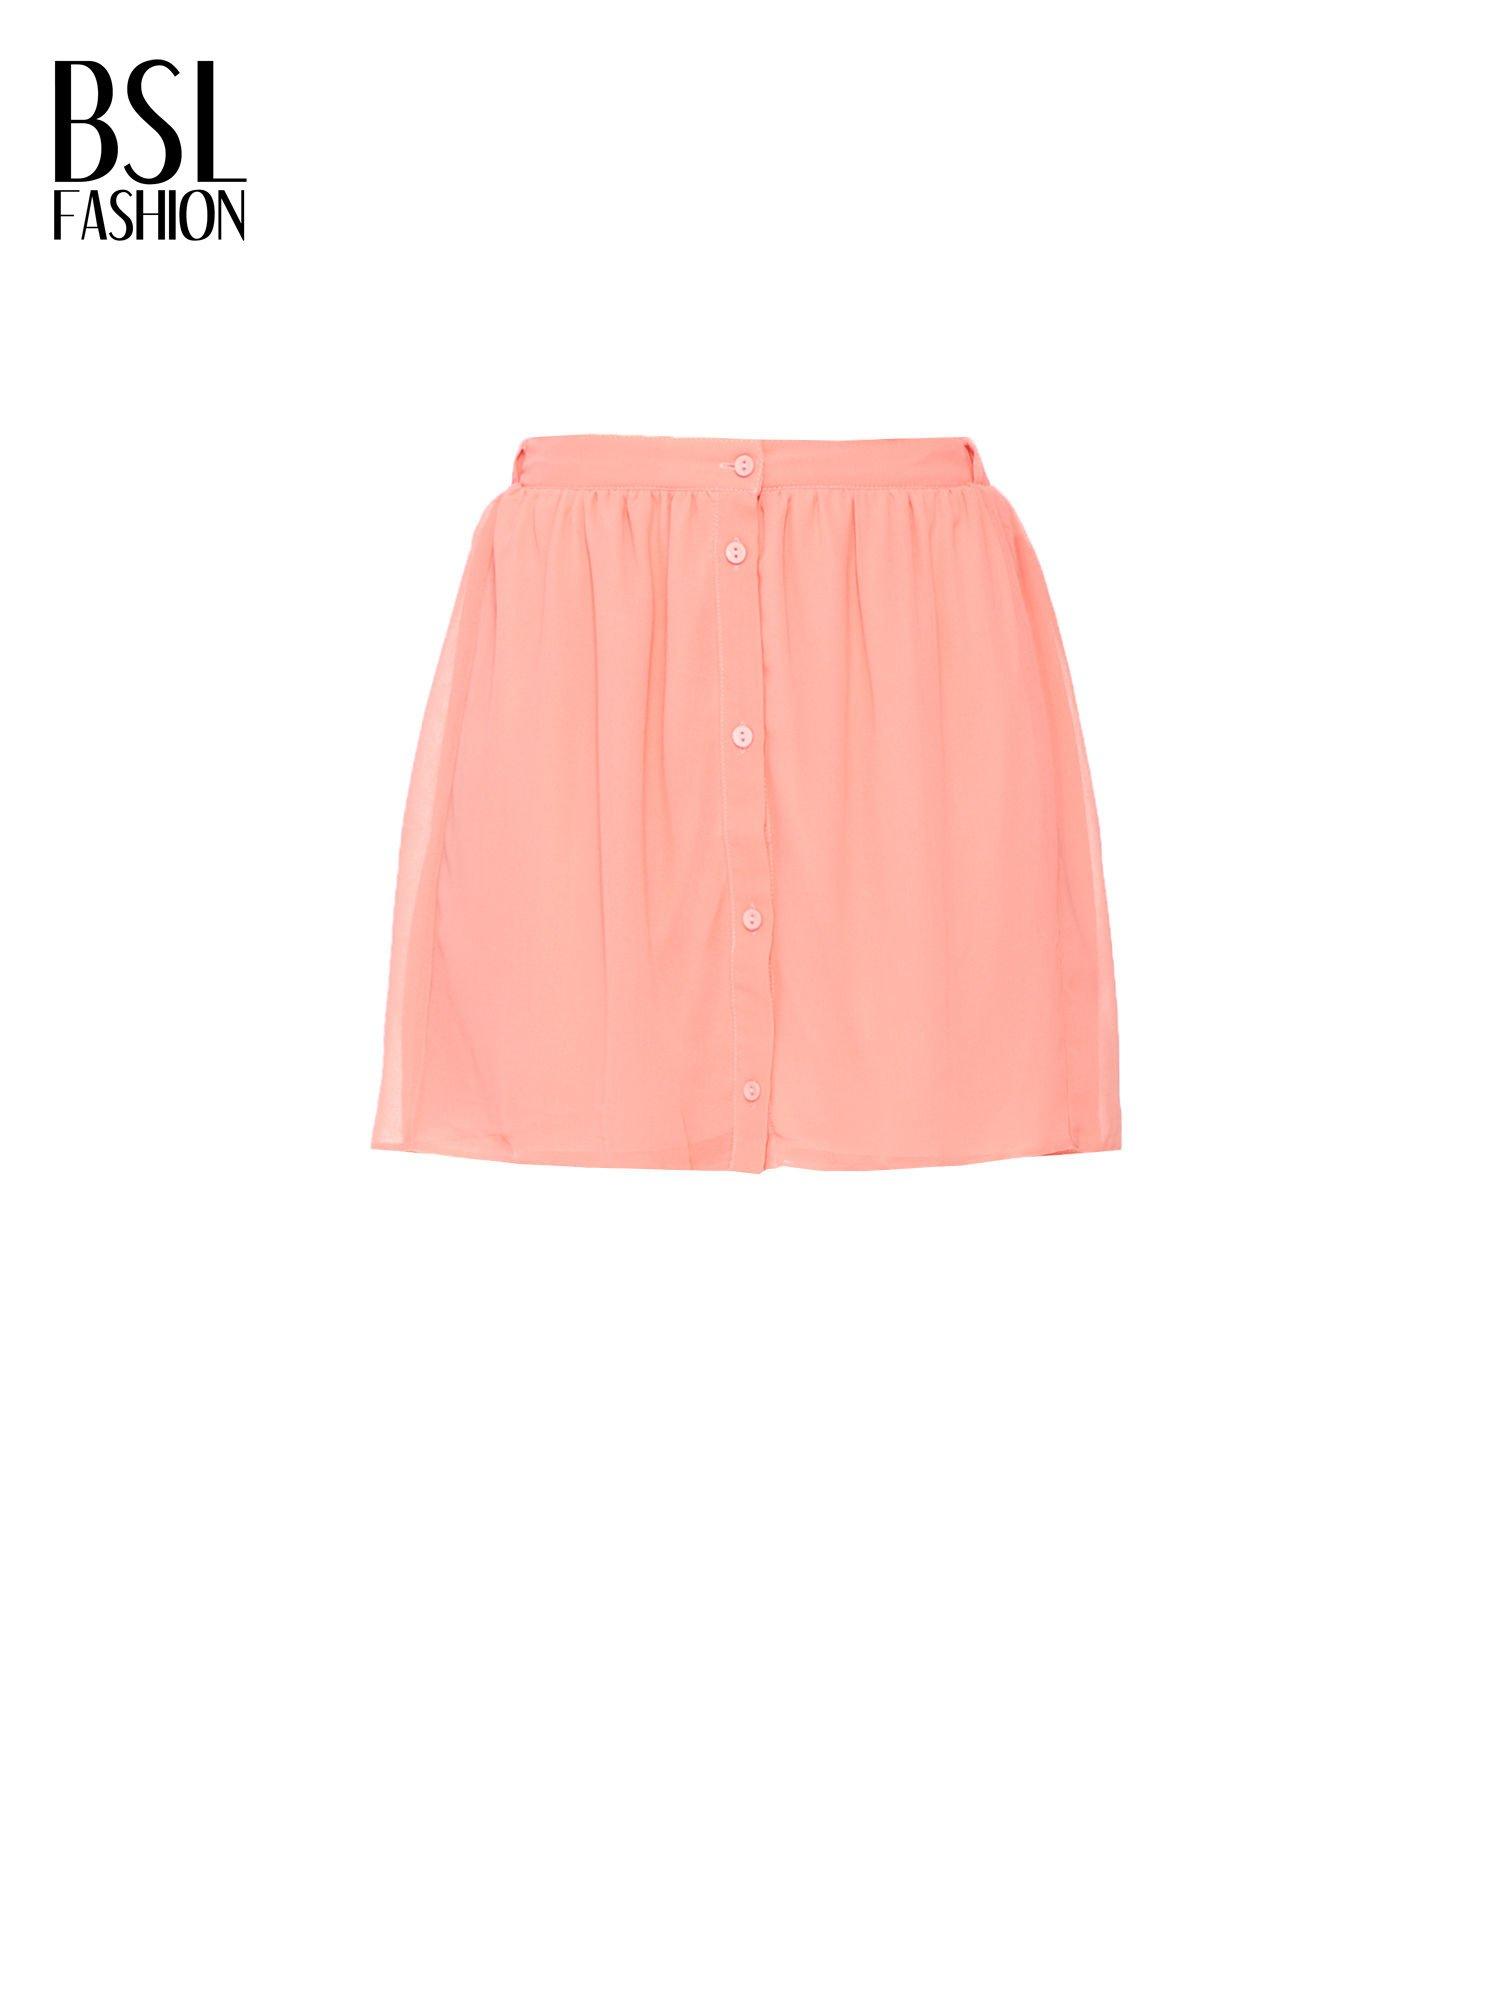 Różowa mini spódnica zapinana z przodu  na rząd guzików                                  zdj.                                  5